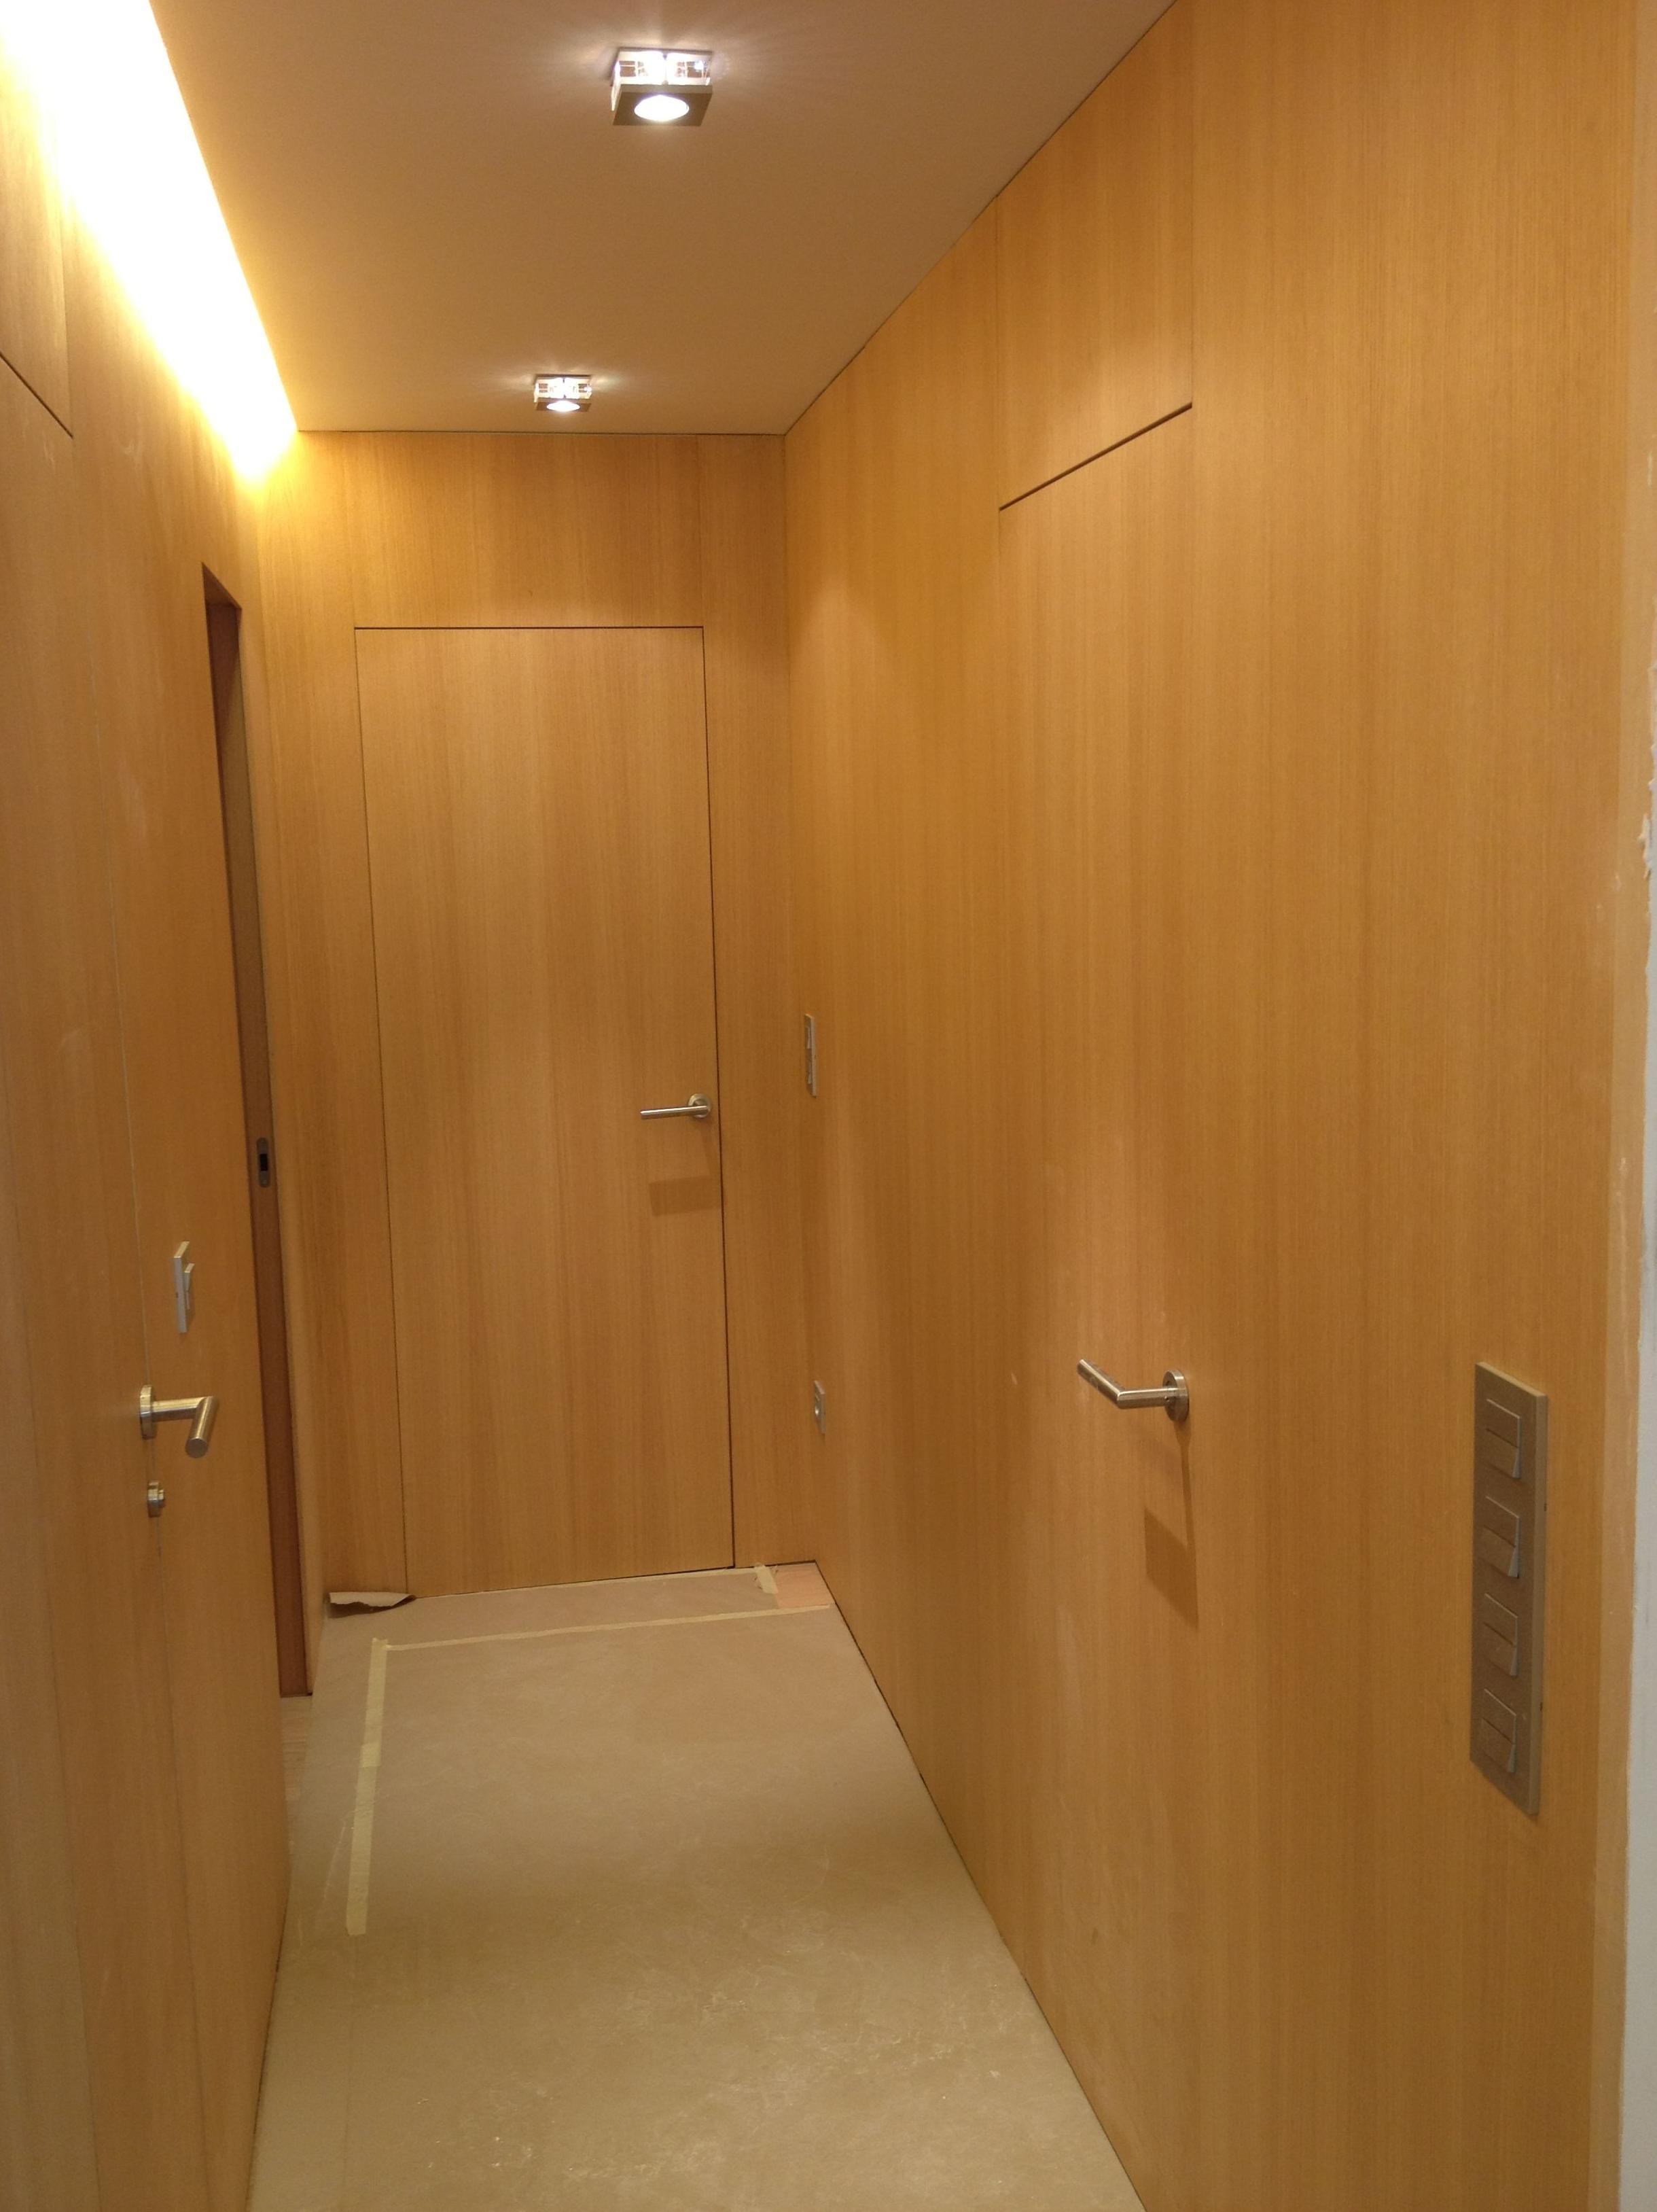 instalación de iluminación